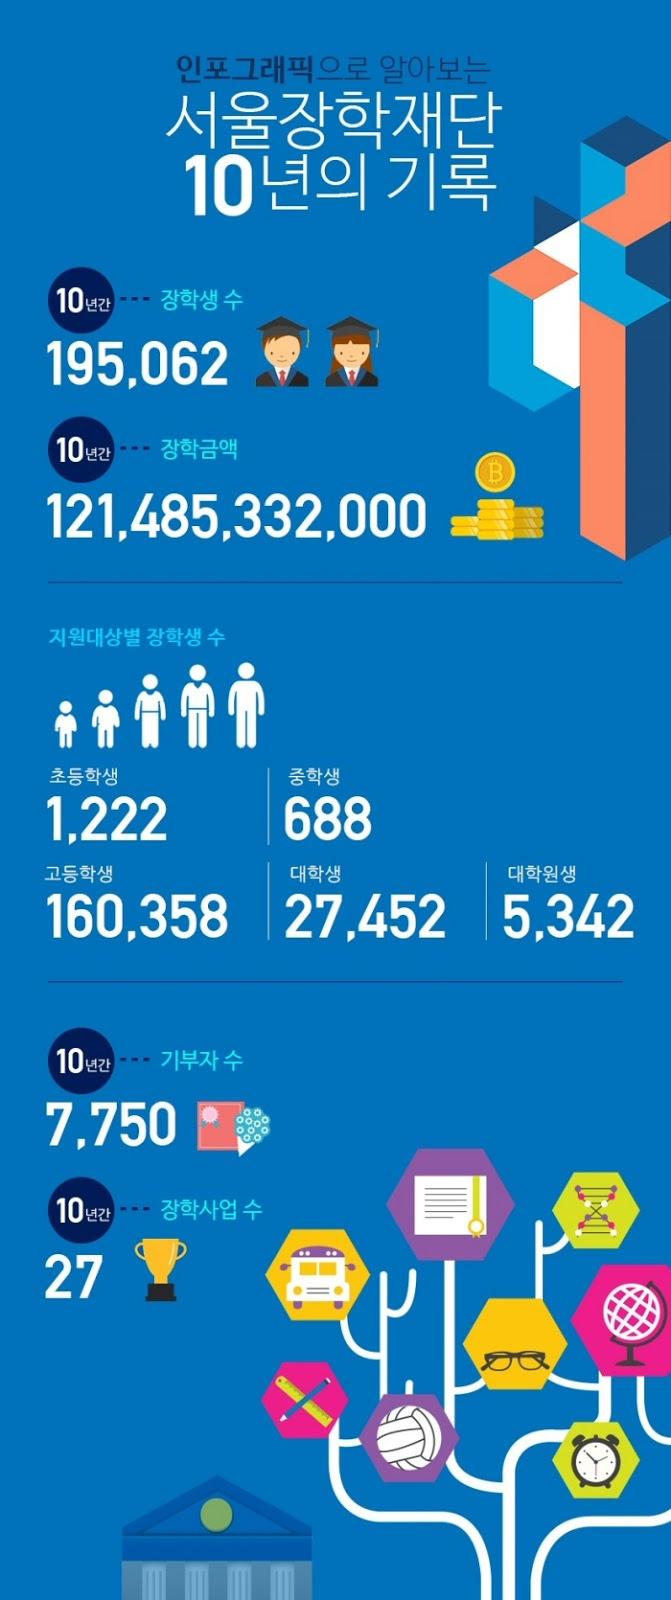 서울장학재단, 재단 설립 10주년 맞아 시민 참여 이벤트 진행